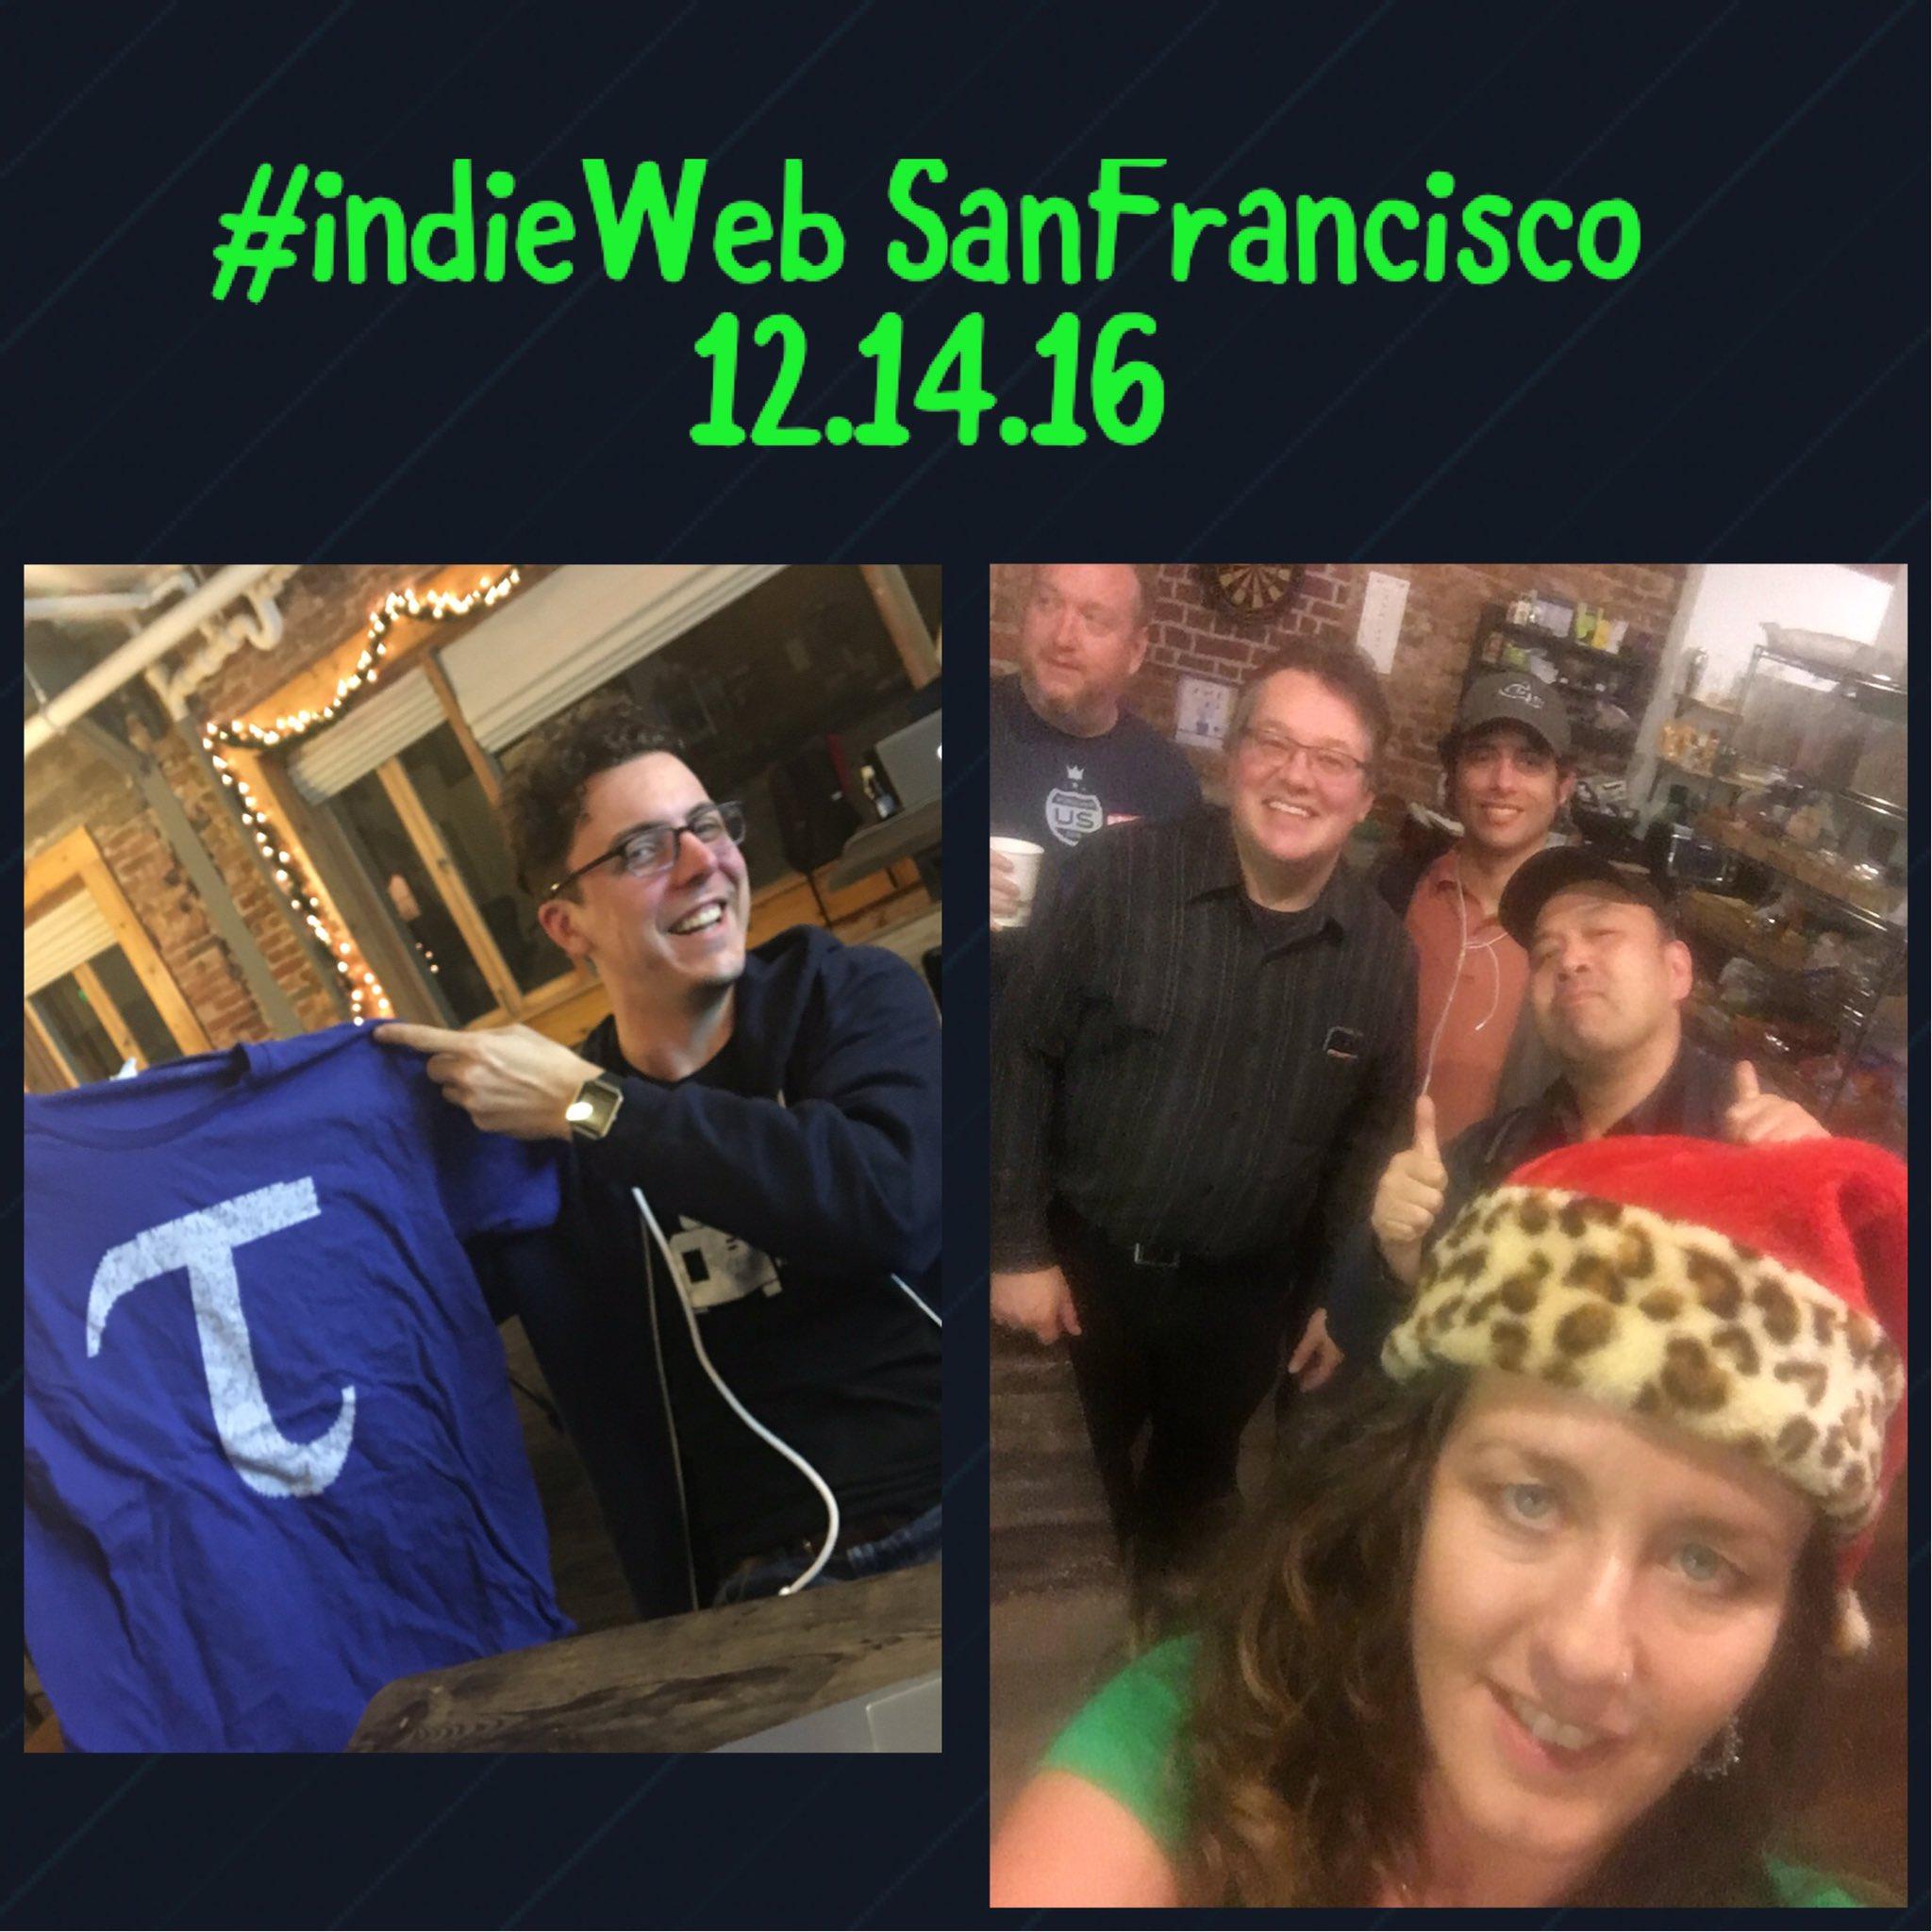 Homebrew Website Club San Francisco participants